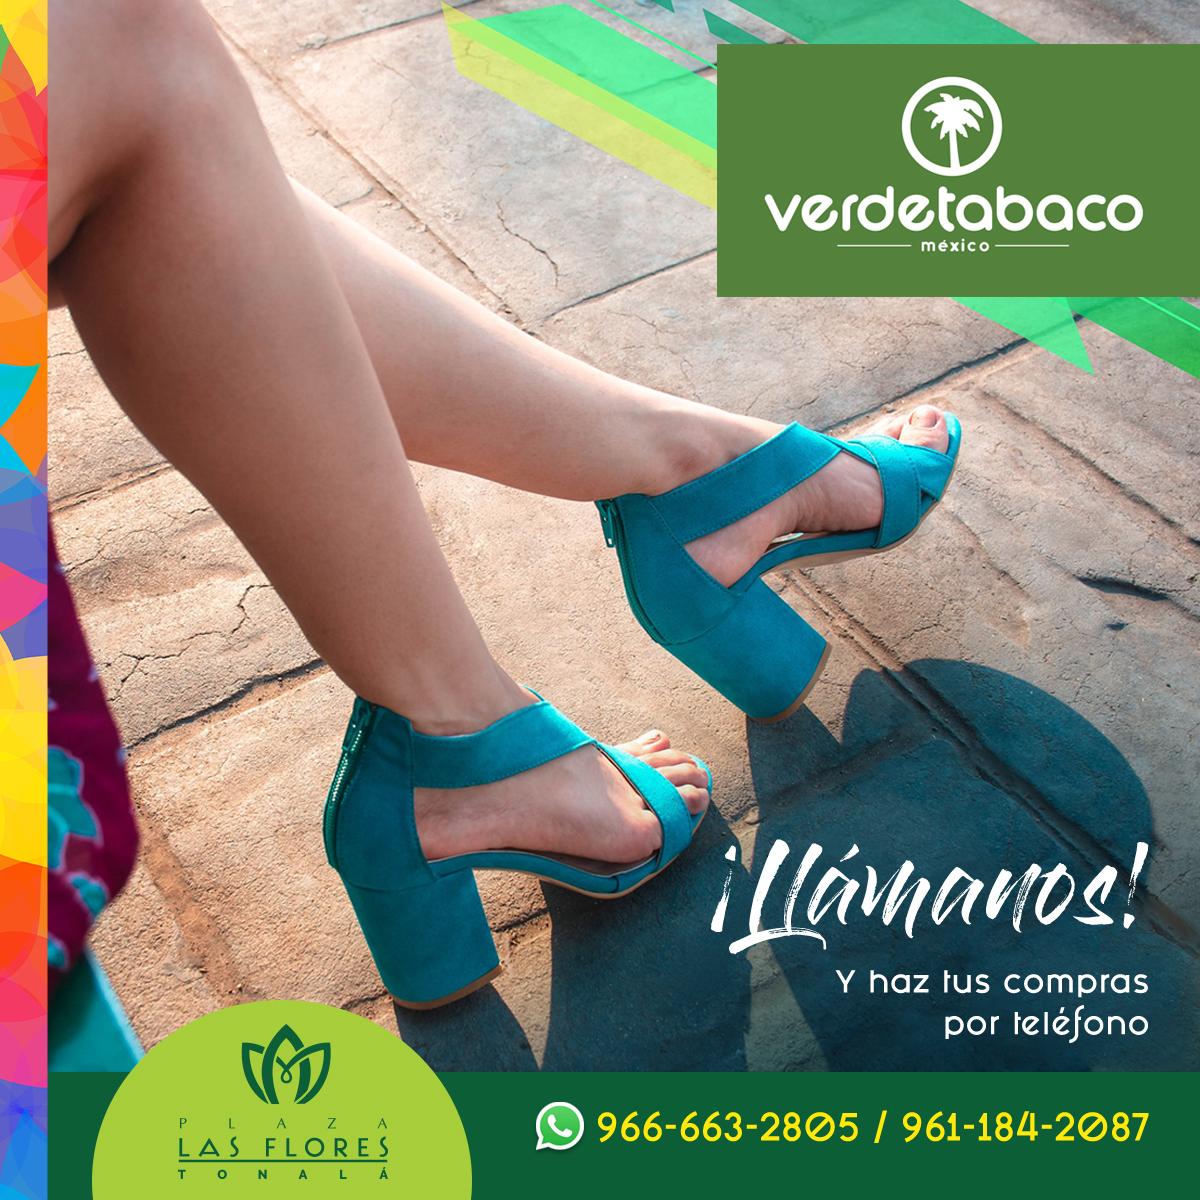 LasFlores-Telefonos-VerdeTabaco copy